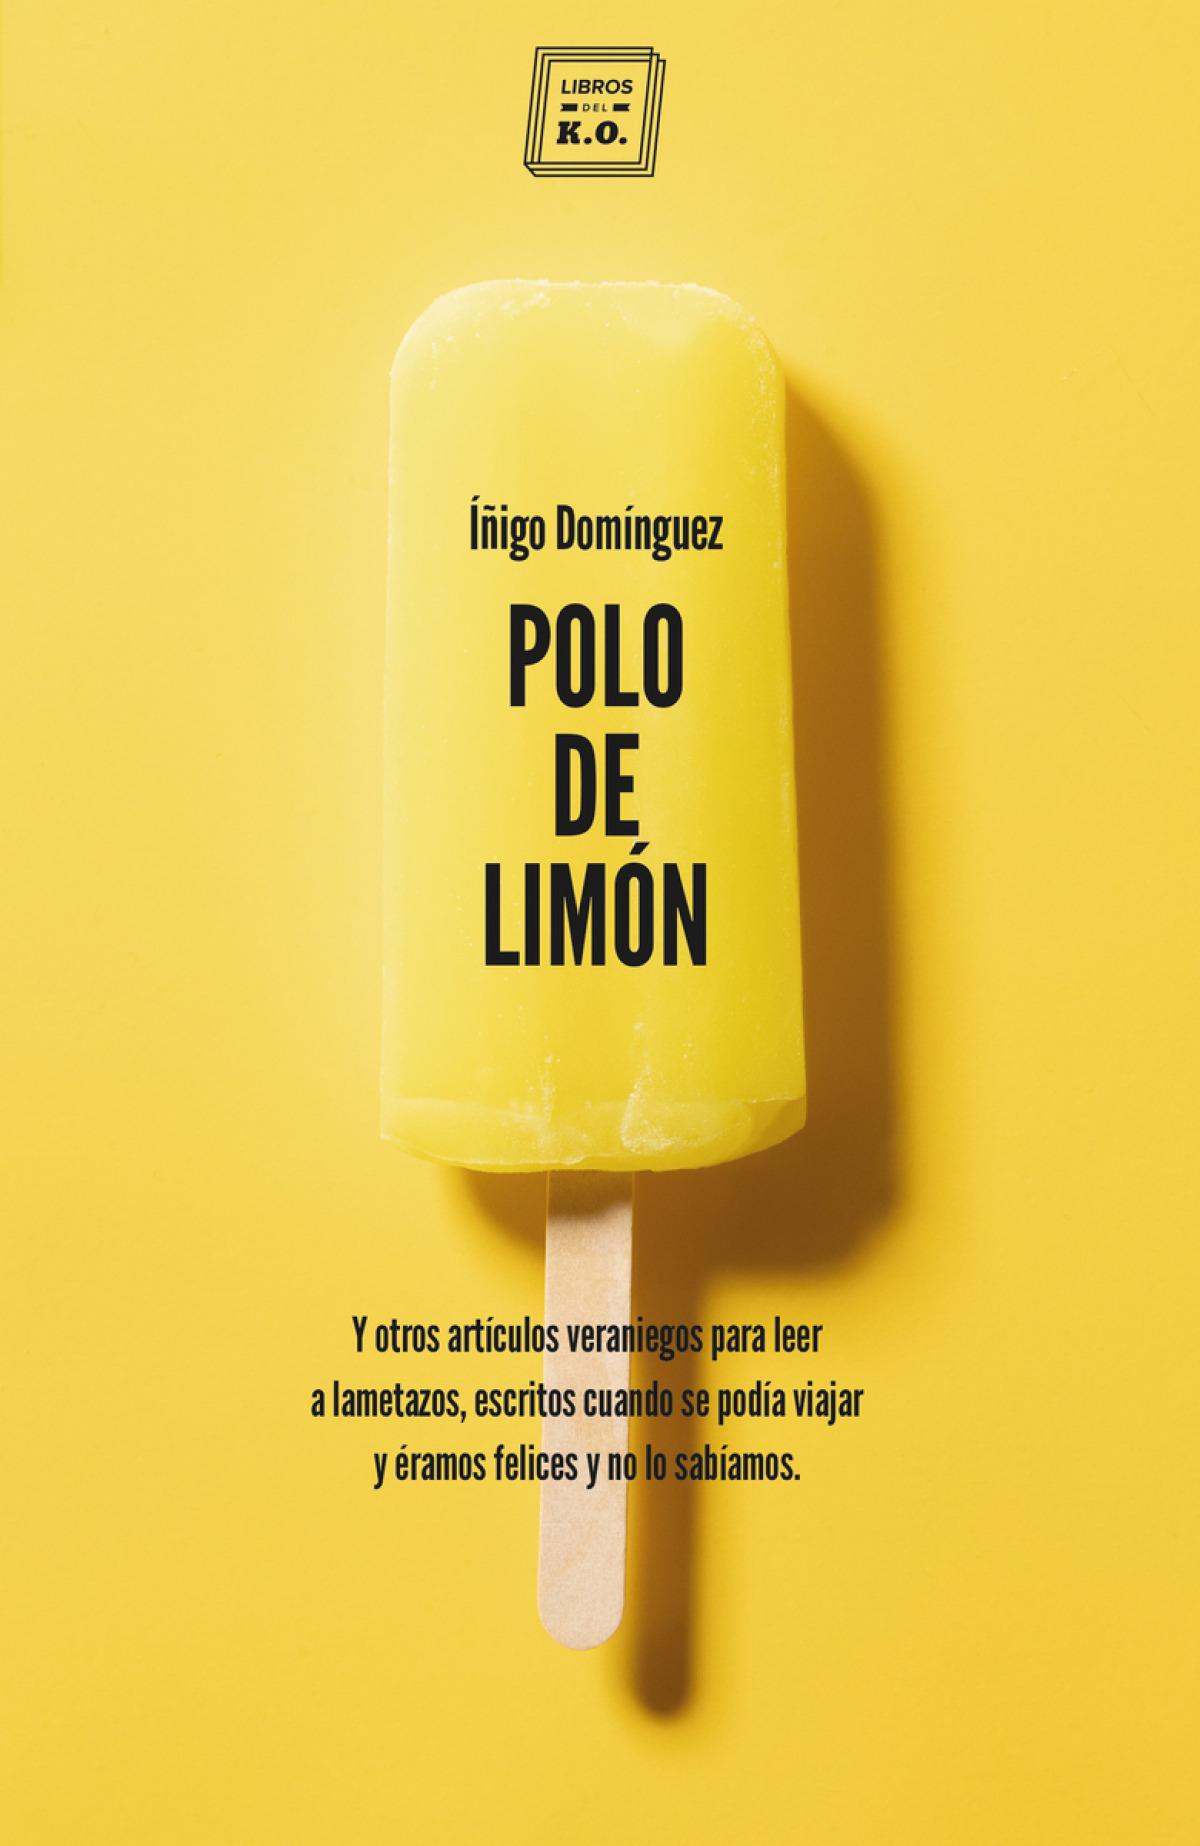 POLO DE LIMON